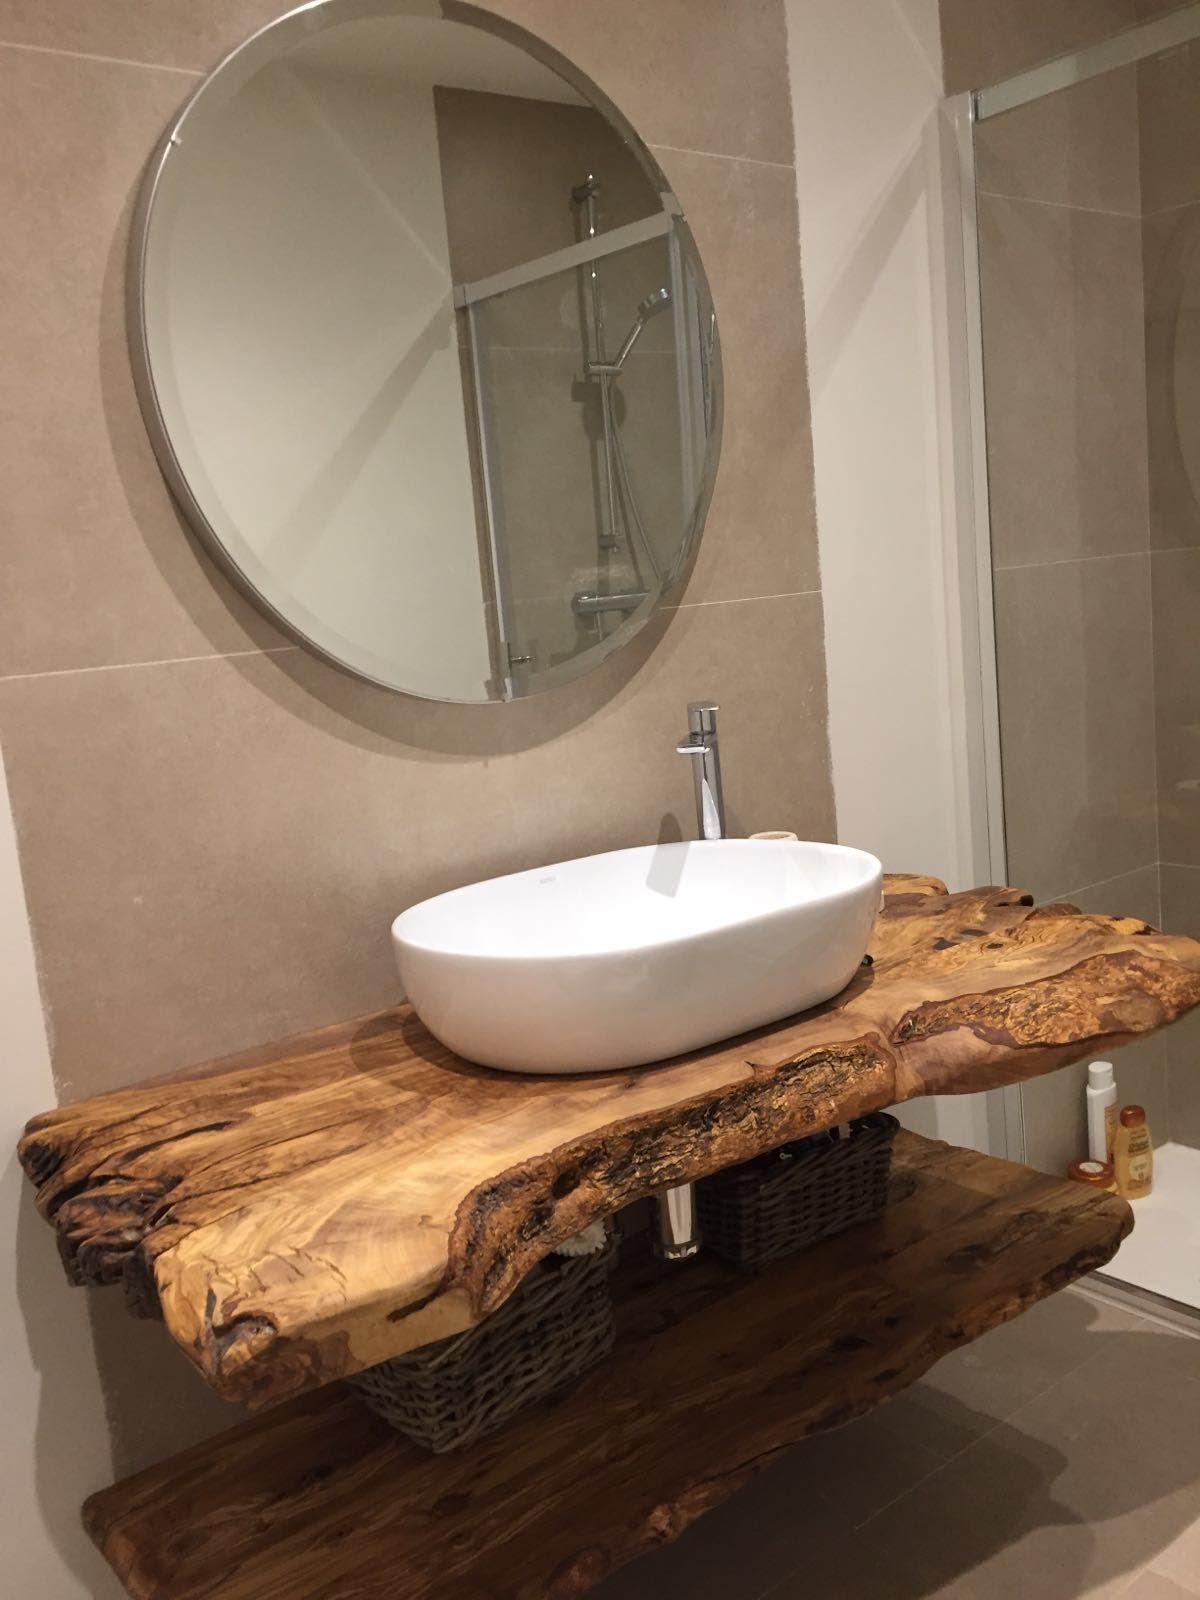 encimera de baño de madera de olivo | Muebles de baño ...